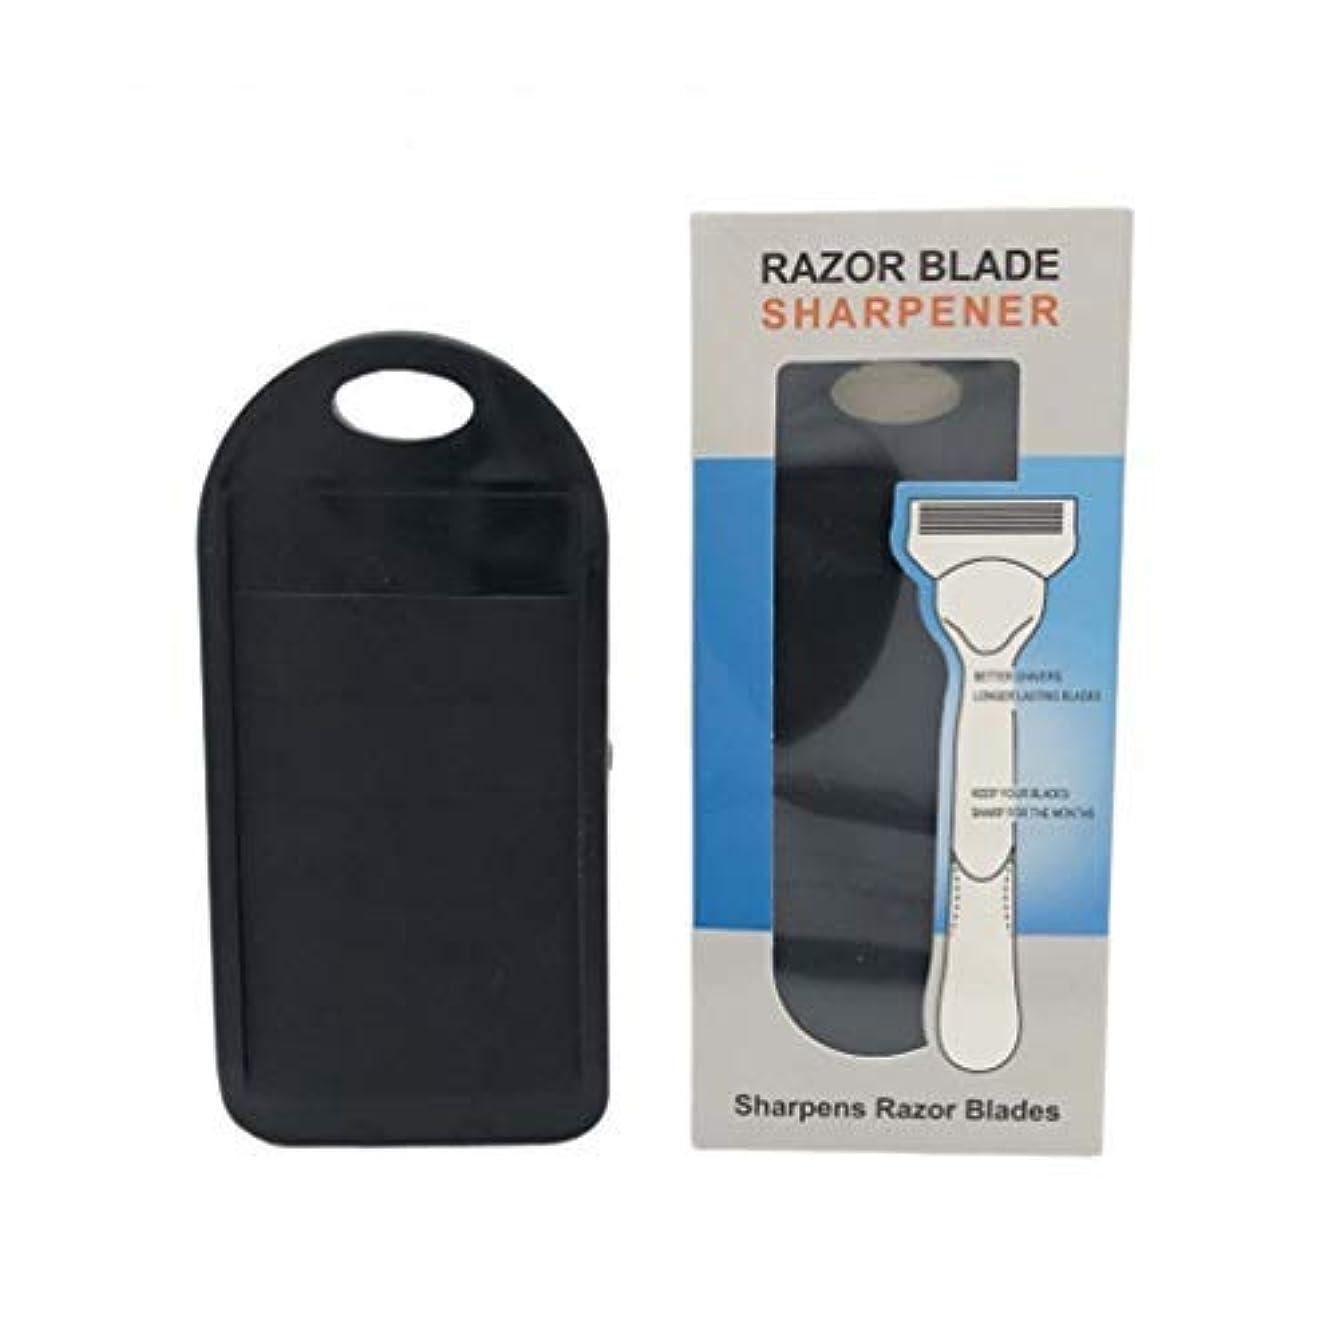 養う申し立てる今後男性と女性の品質シャープレイザーケアカミソリクリーニングツール用シェービングカミソリ刃シャープナー